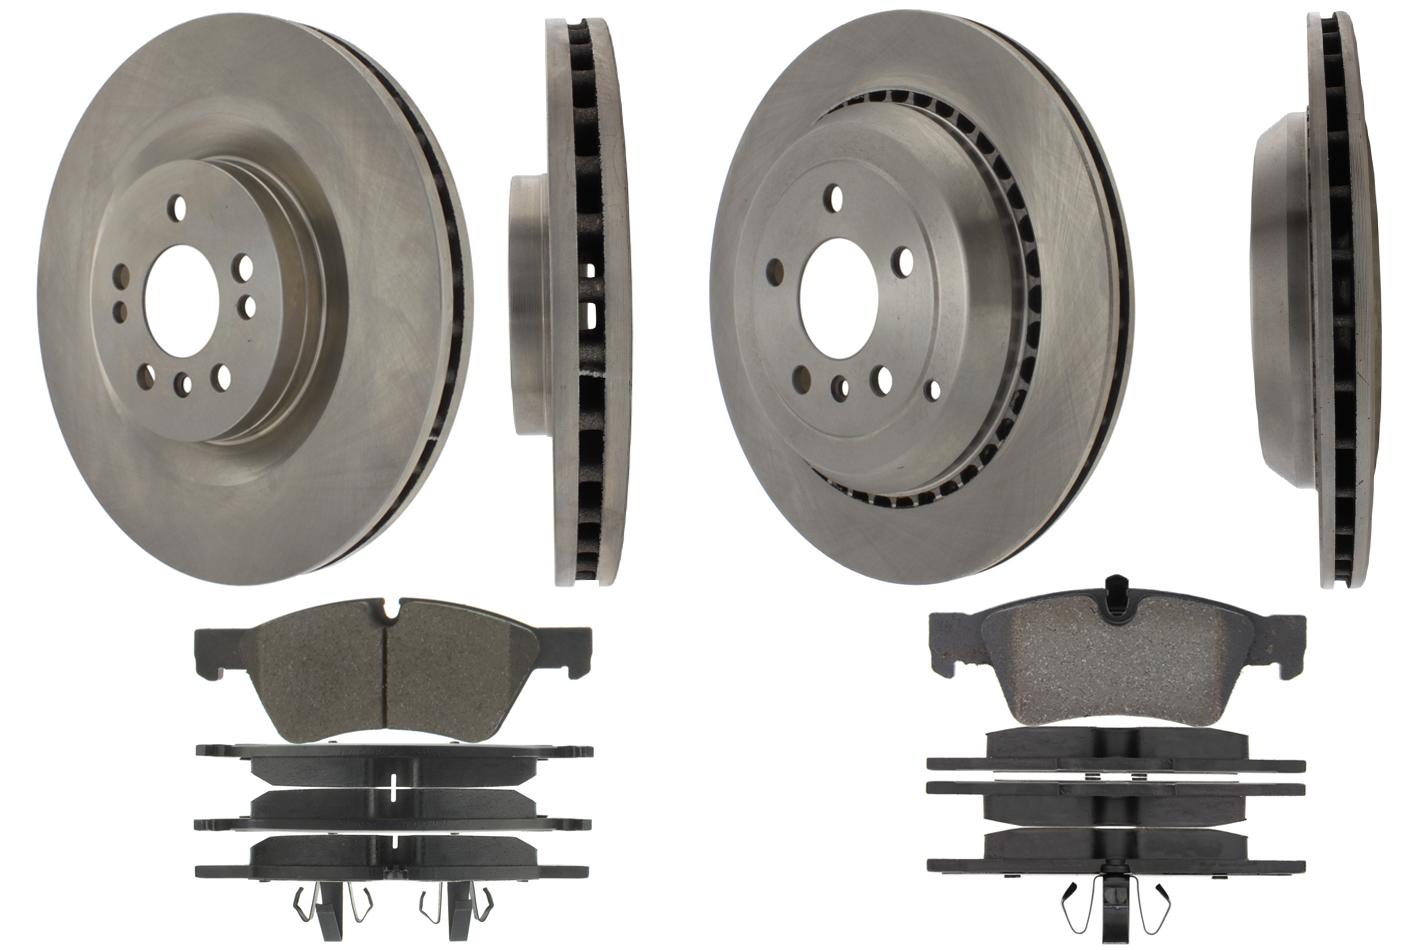 Centric Brake Parts 905.35066 Brake Rotor and Pad Kit, Premium, Semi-Metallic Pads, Iron, Natural, Mercedes-Benz, Kit